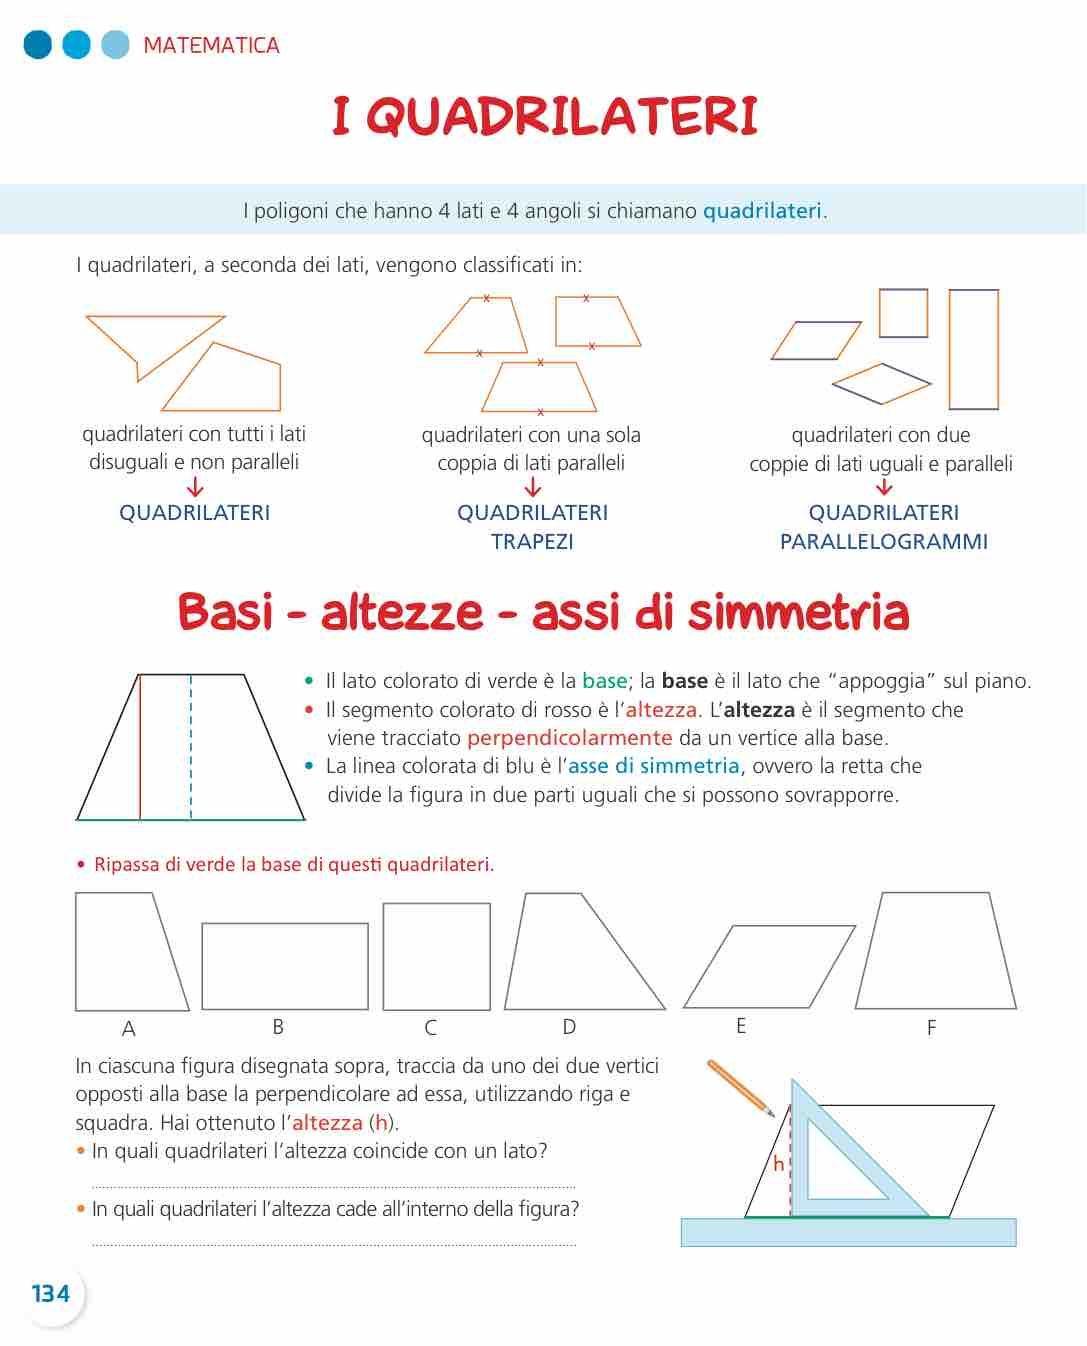 Passo Dopo Passo 4 Matematica Lezioni Di Geometria Libri Di Matematica Lezioni Di Matematica